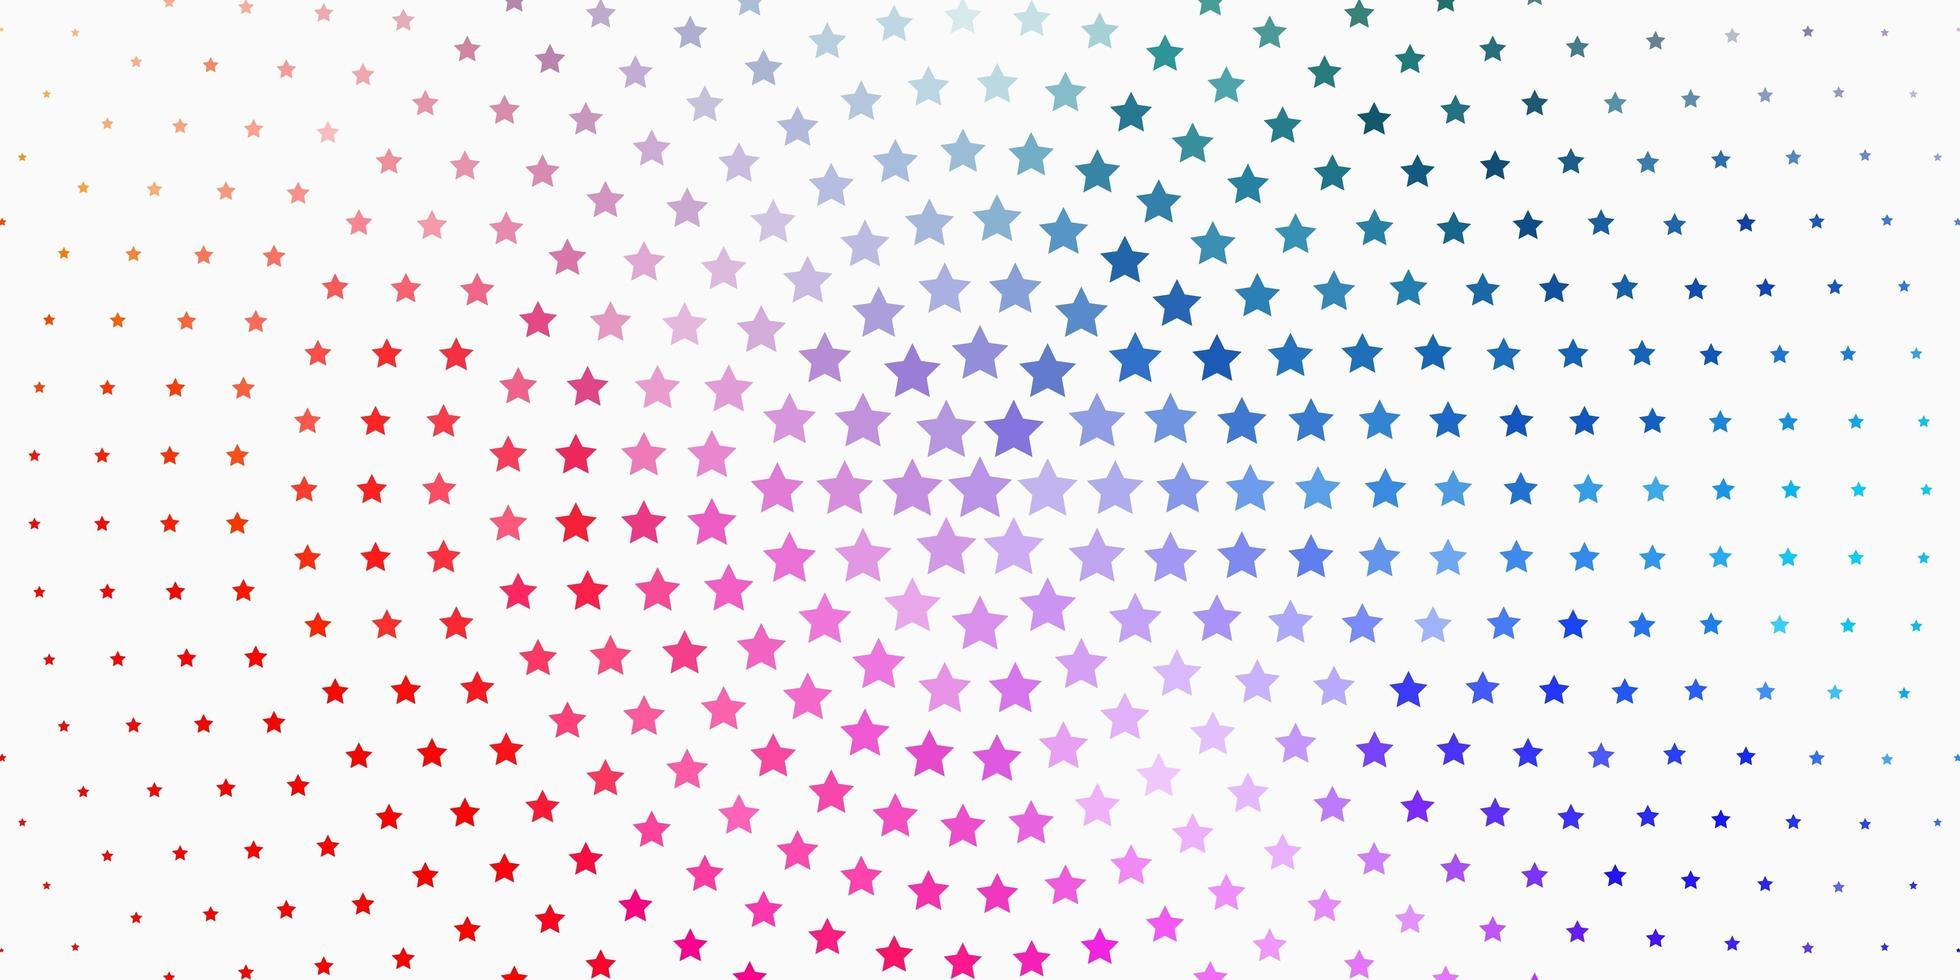 ljus flerfärgad vektorbakgrund med färgglada stjärnor. vektor